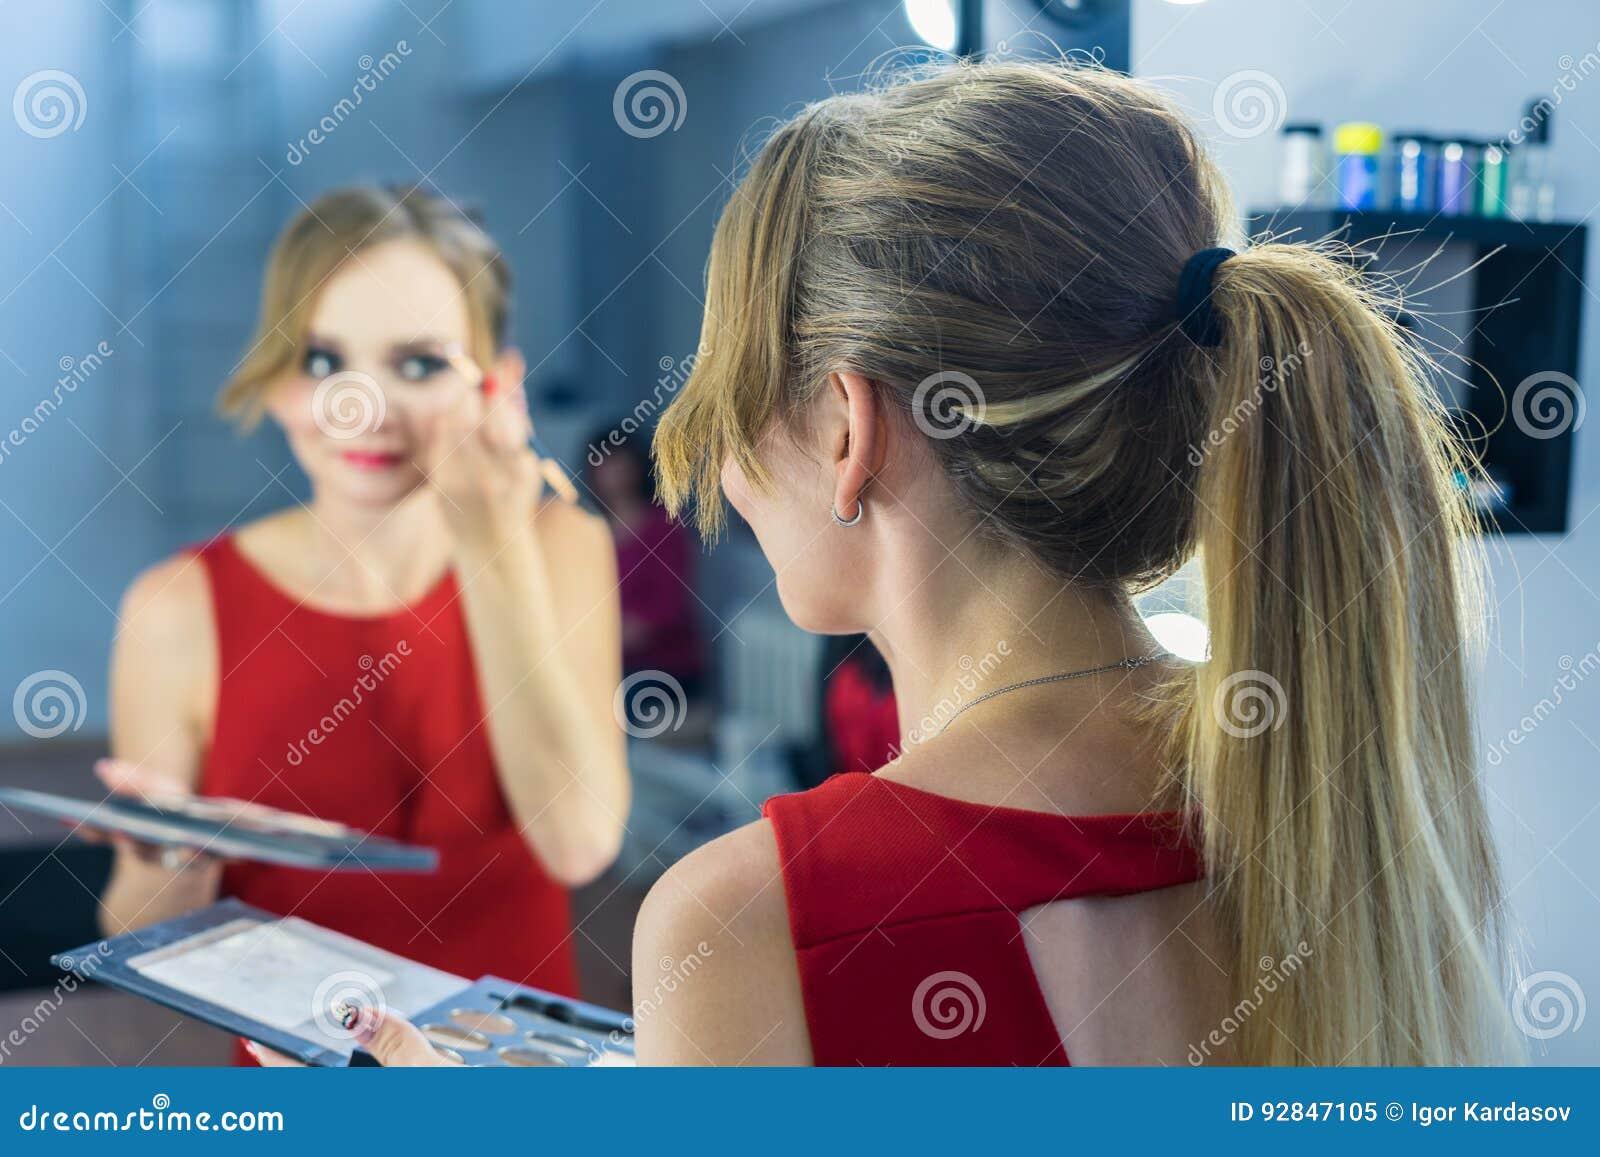 Πορτρέτο Fashio του όμορφου νέου κοριτσιού που κάνει τη σύνθεση κοντά στον καθρέφτη